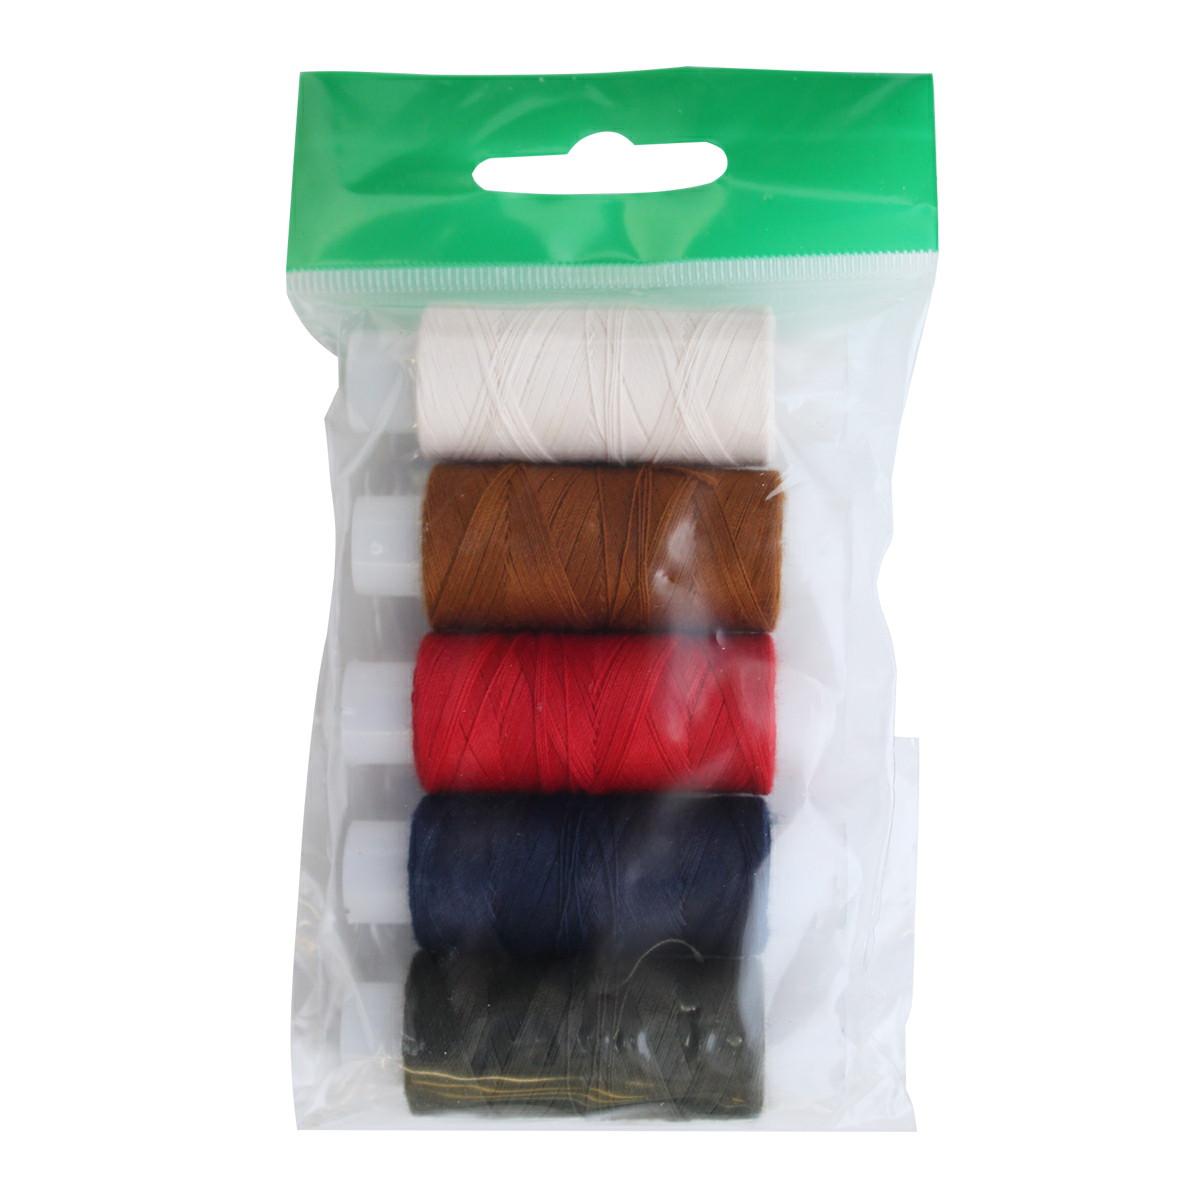 Набор цветных ниток ПНК им. Кирова, 45ЛЛ, 150 м, 5 шт131047Армированные нитки 45ЛЛ универсальны, используются при пошиве изделий из костюмных и пальтовых тканей, обуви, мебели. Производится нитка путём соединения стержня из полиэфирной комплексной нити и оплётки из полиэфирного волокна.